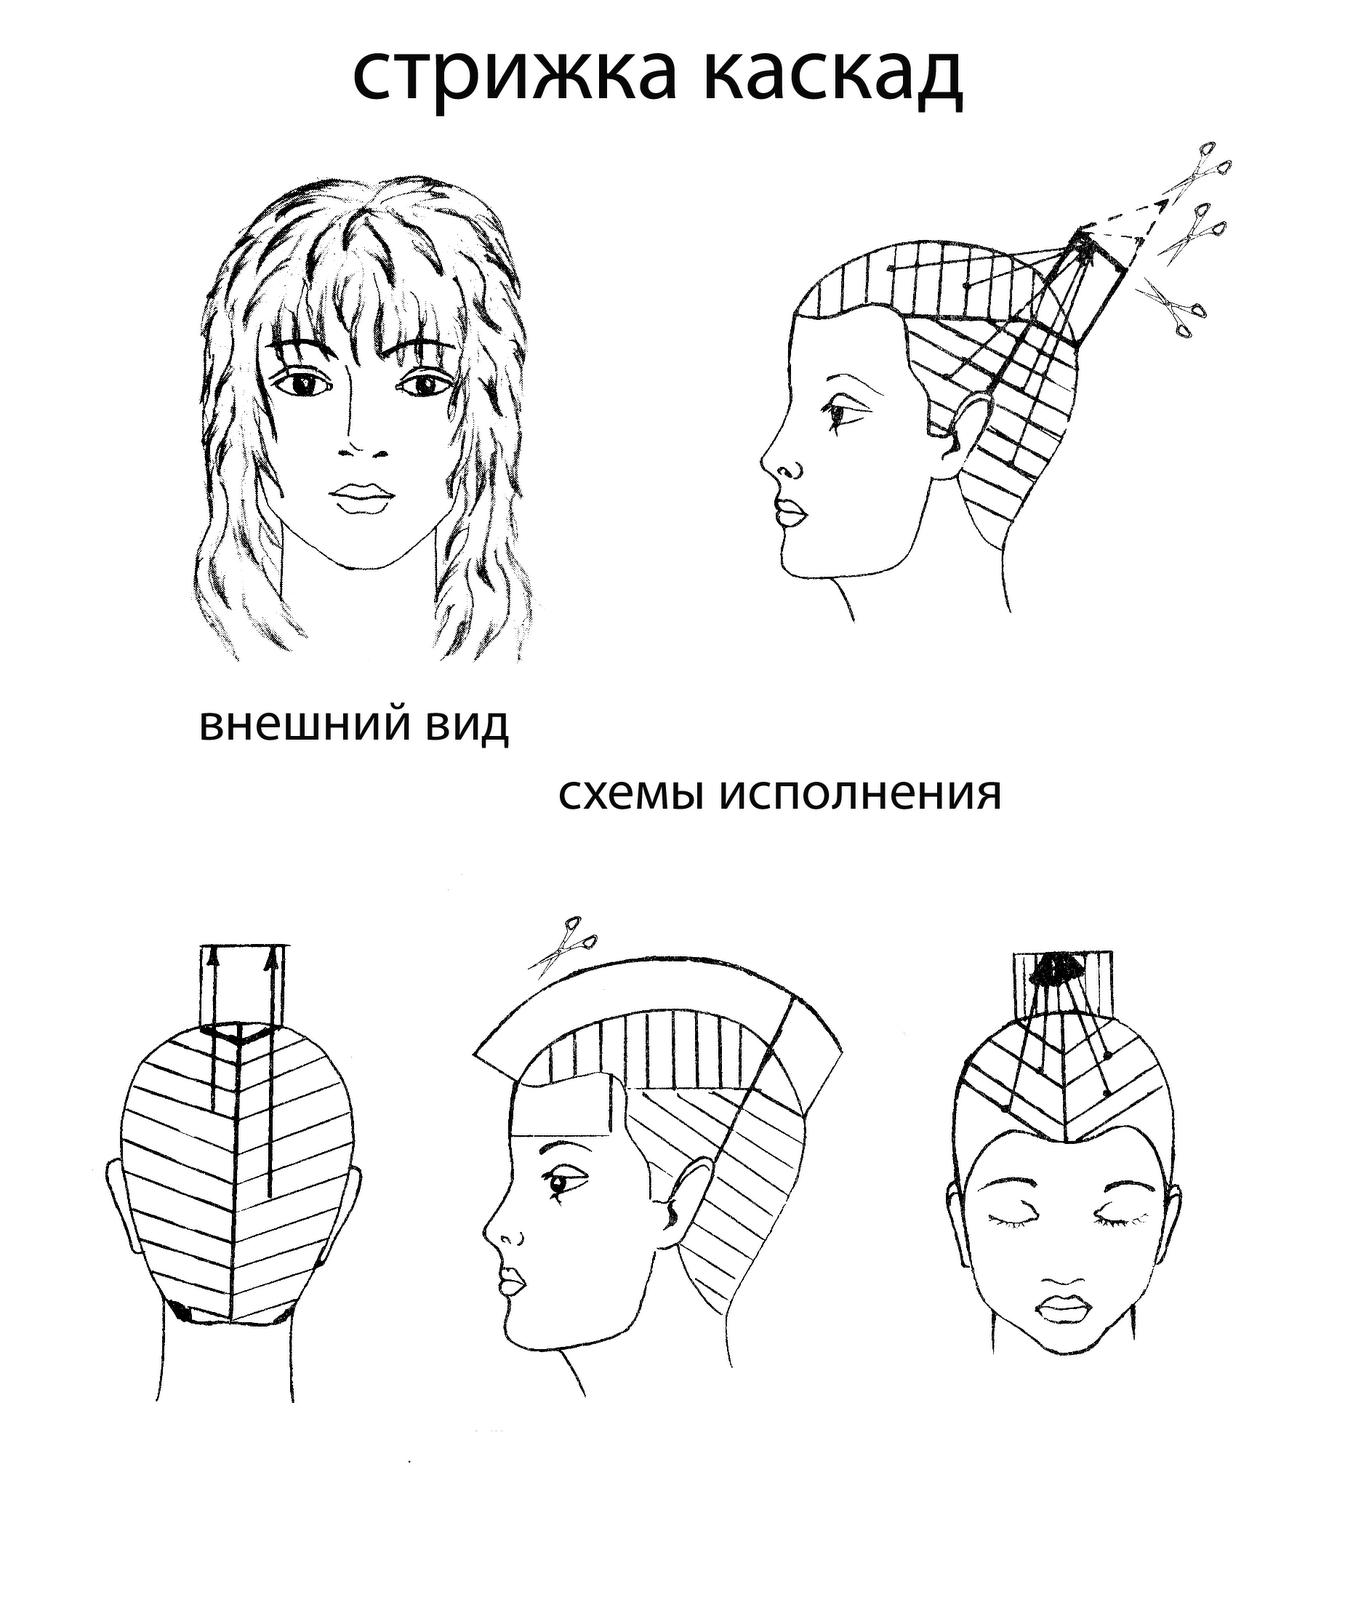 Женские стрижки схемы и для начинающих